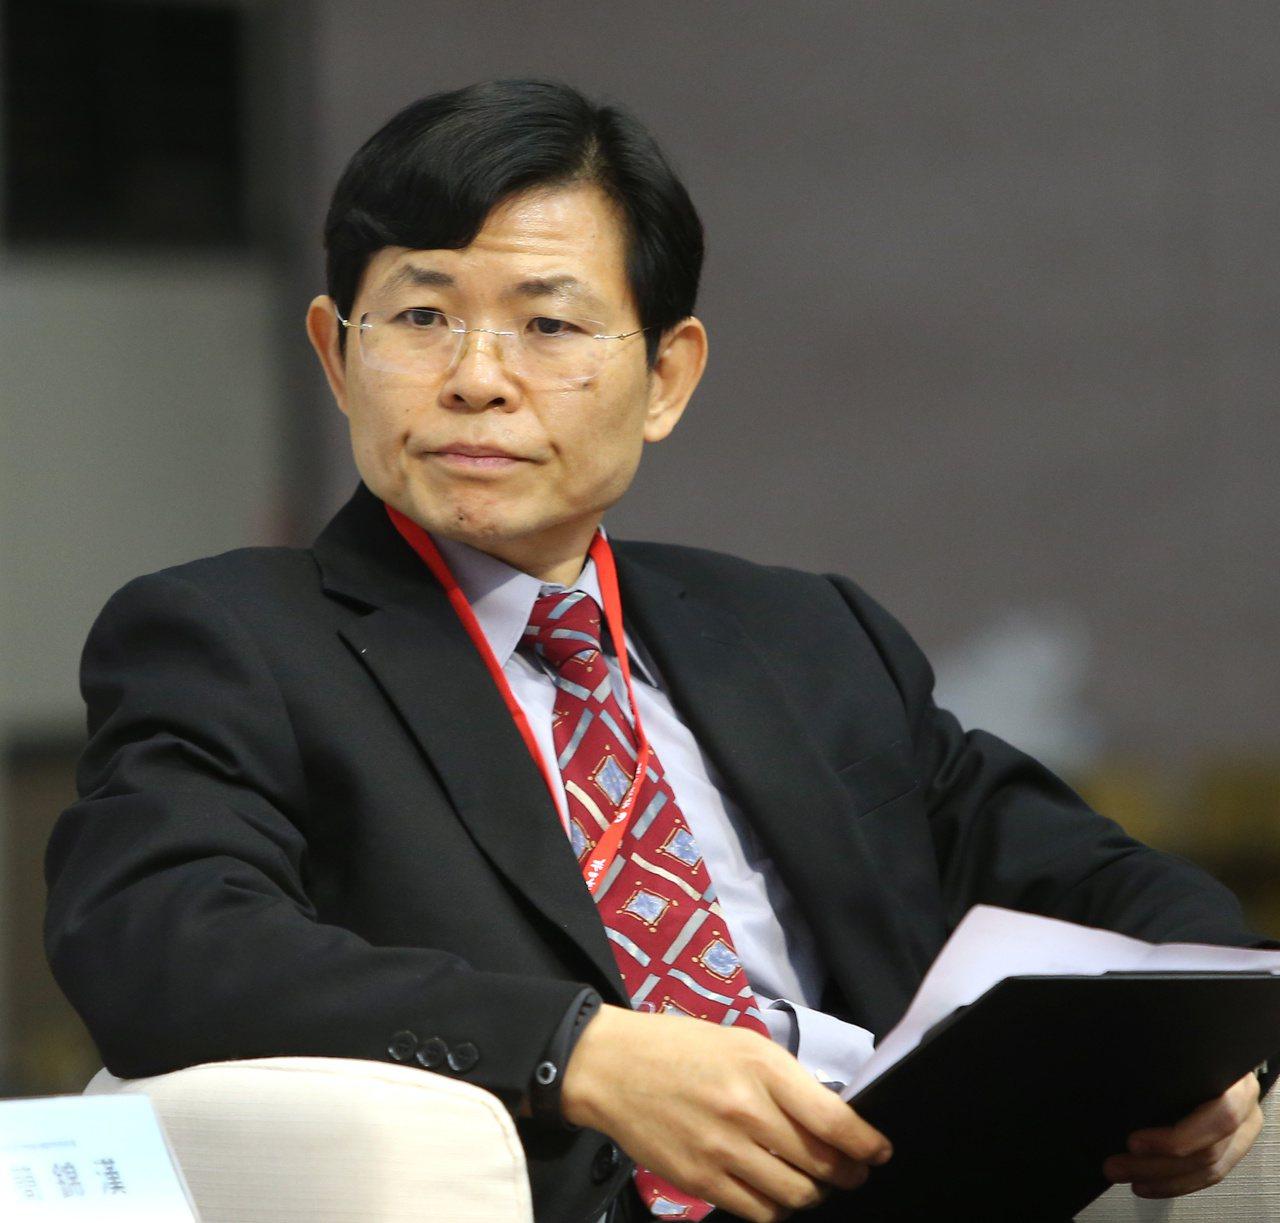 中央研究院經濟所研究員簡錦漢。 聯合報系資料照/記者林澔一攝影